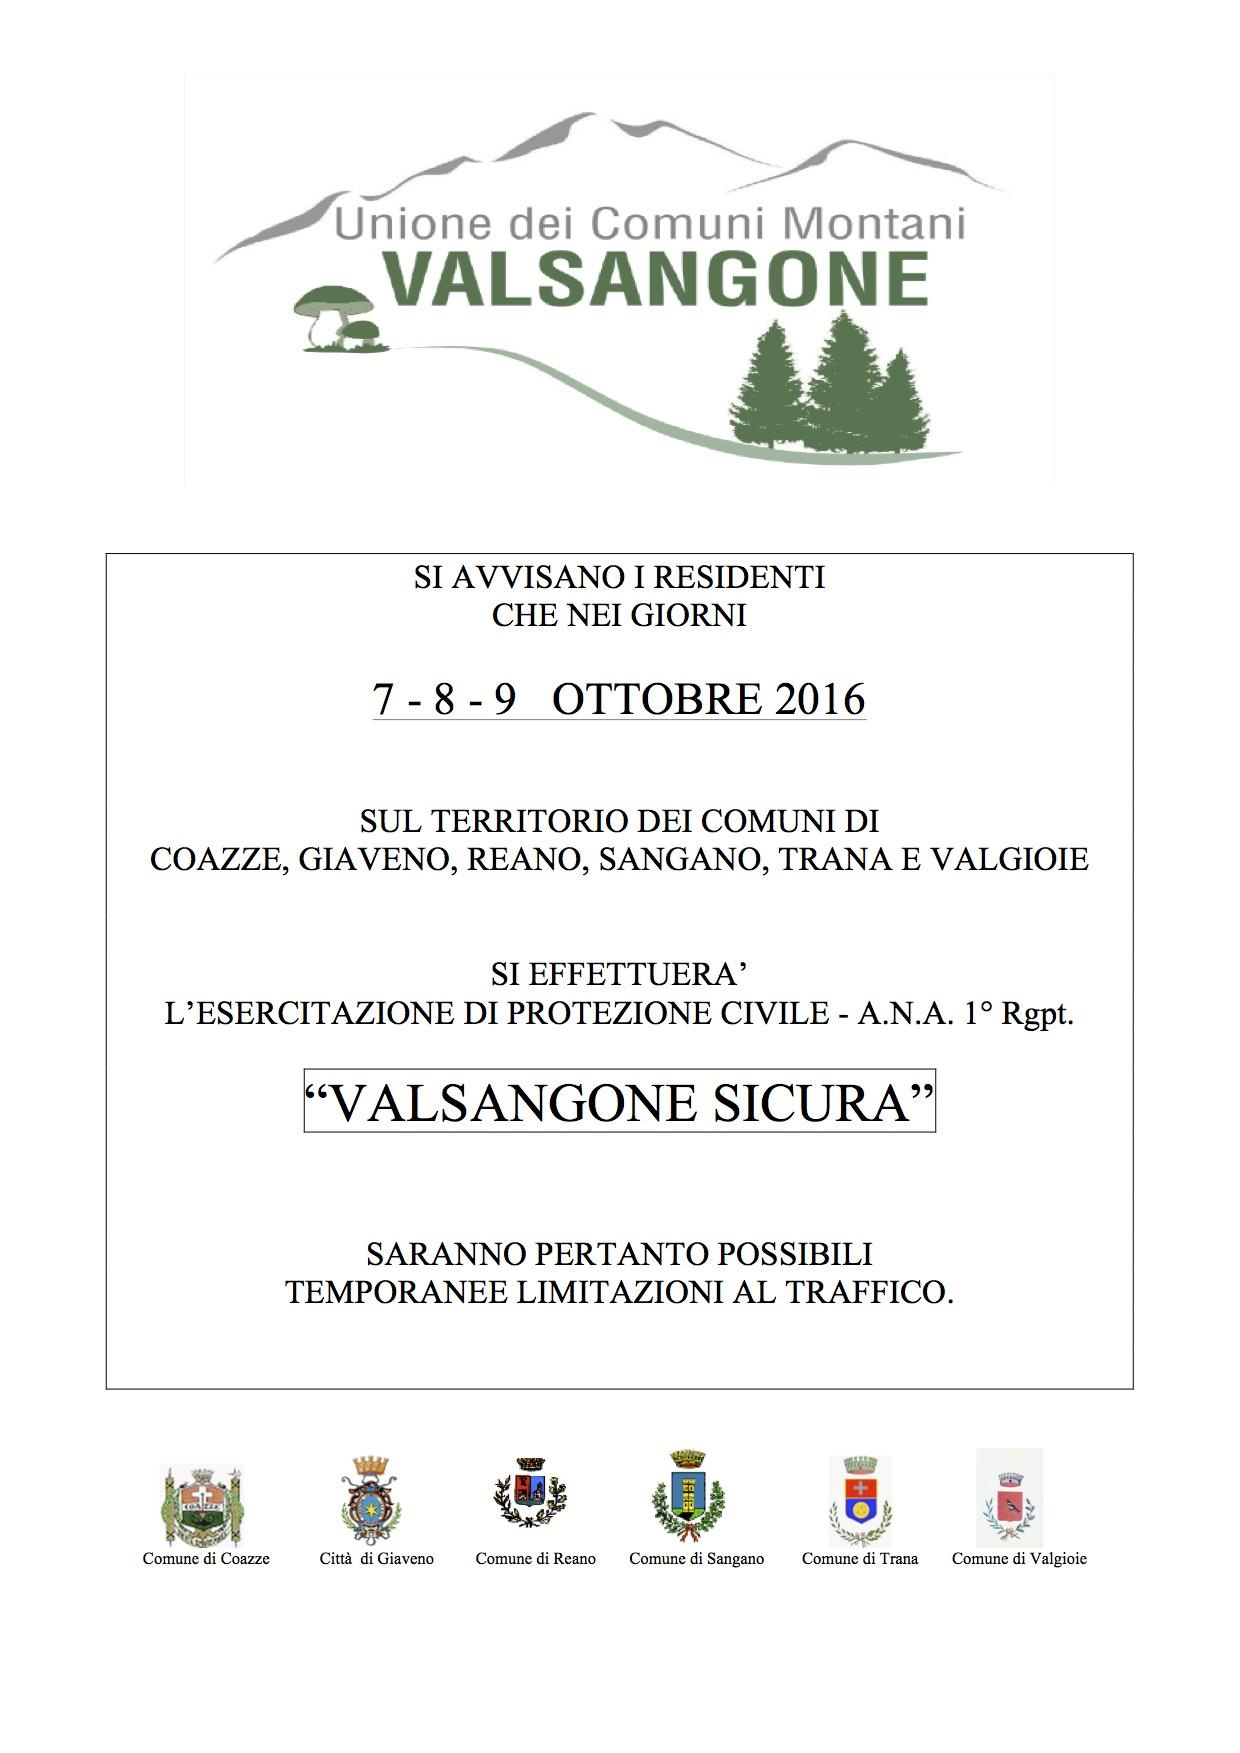 """ESECITAZIONE DI PROTEZIONE CIVILE """"VAL SANGONE SICURA"""" 7-8-9 OTTOBRE 2016"""